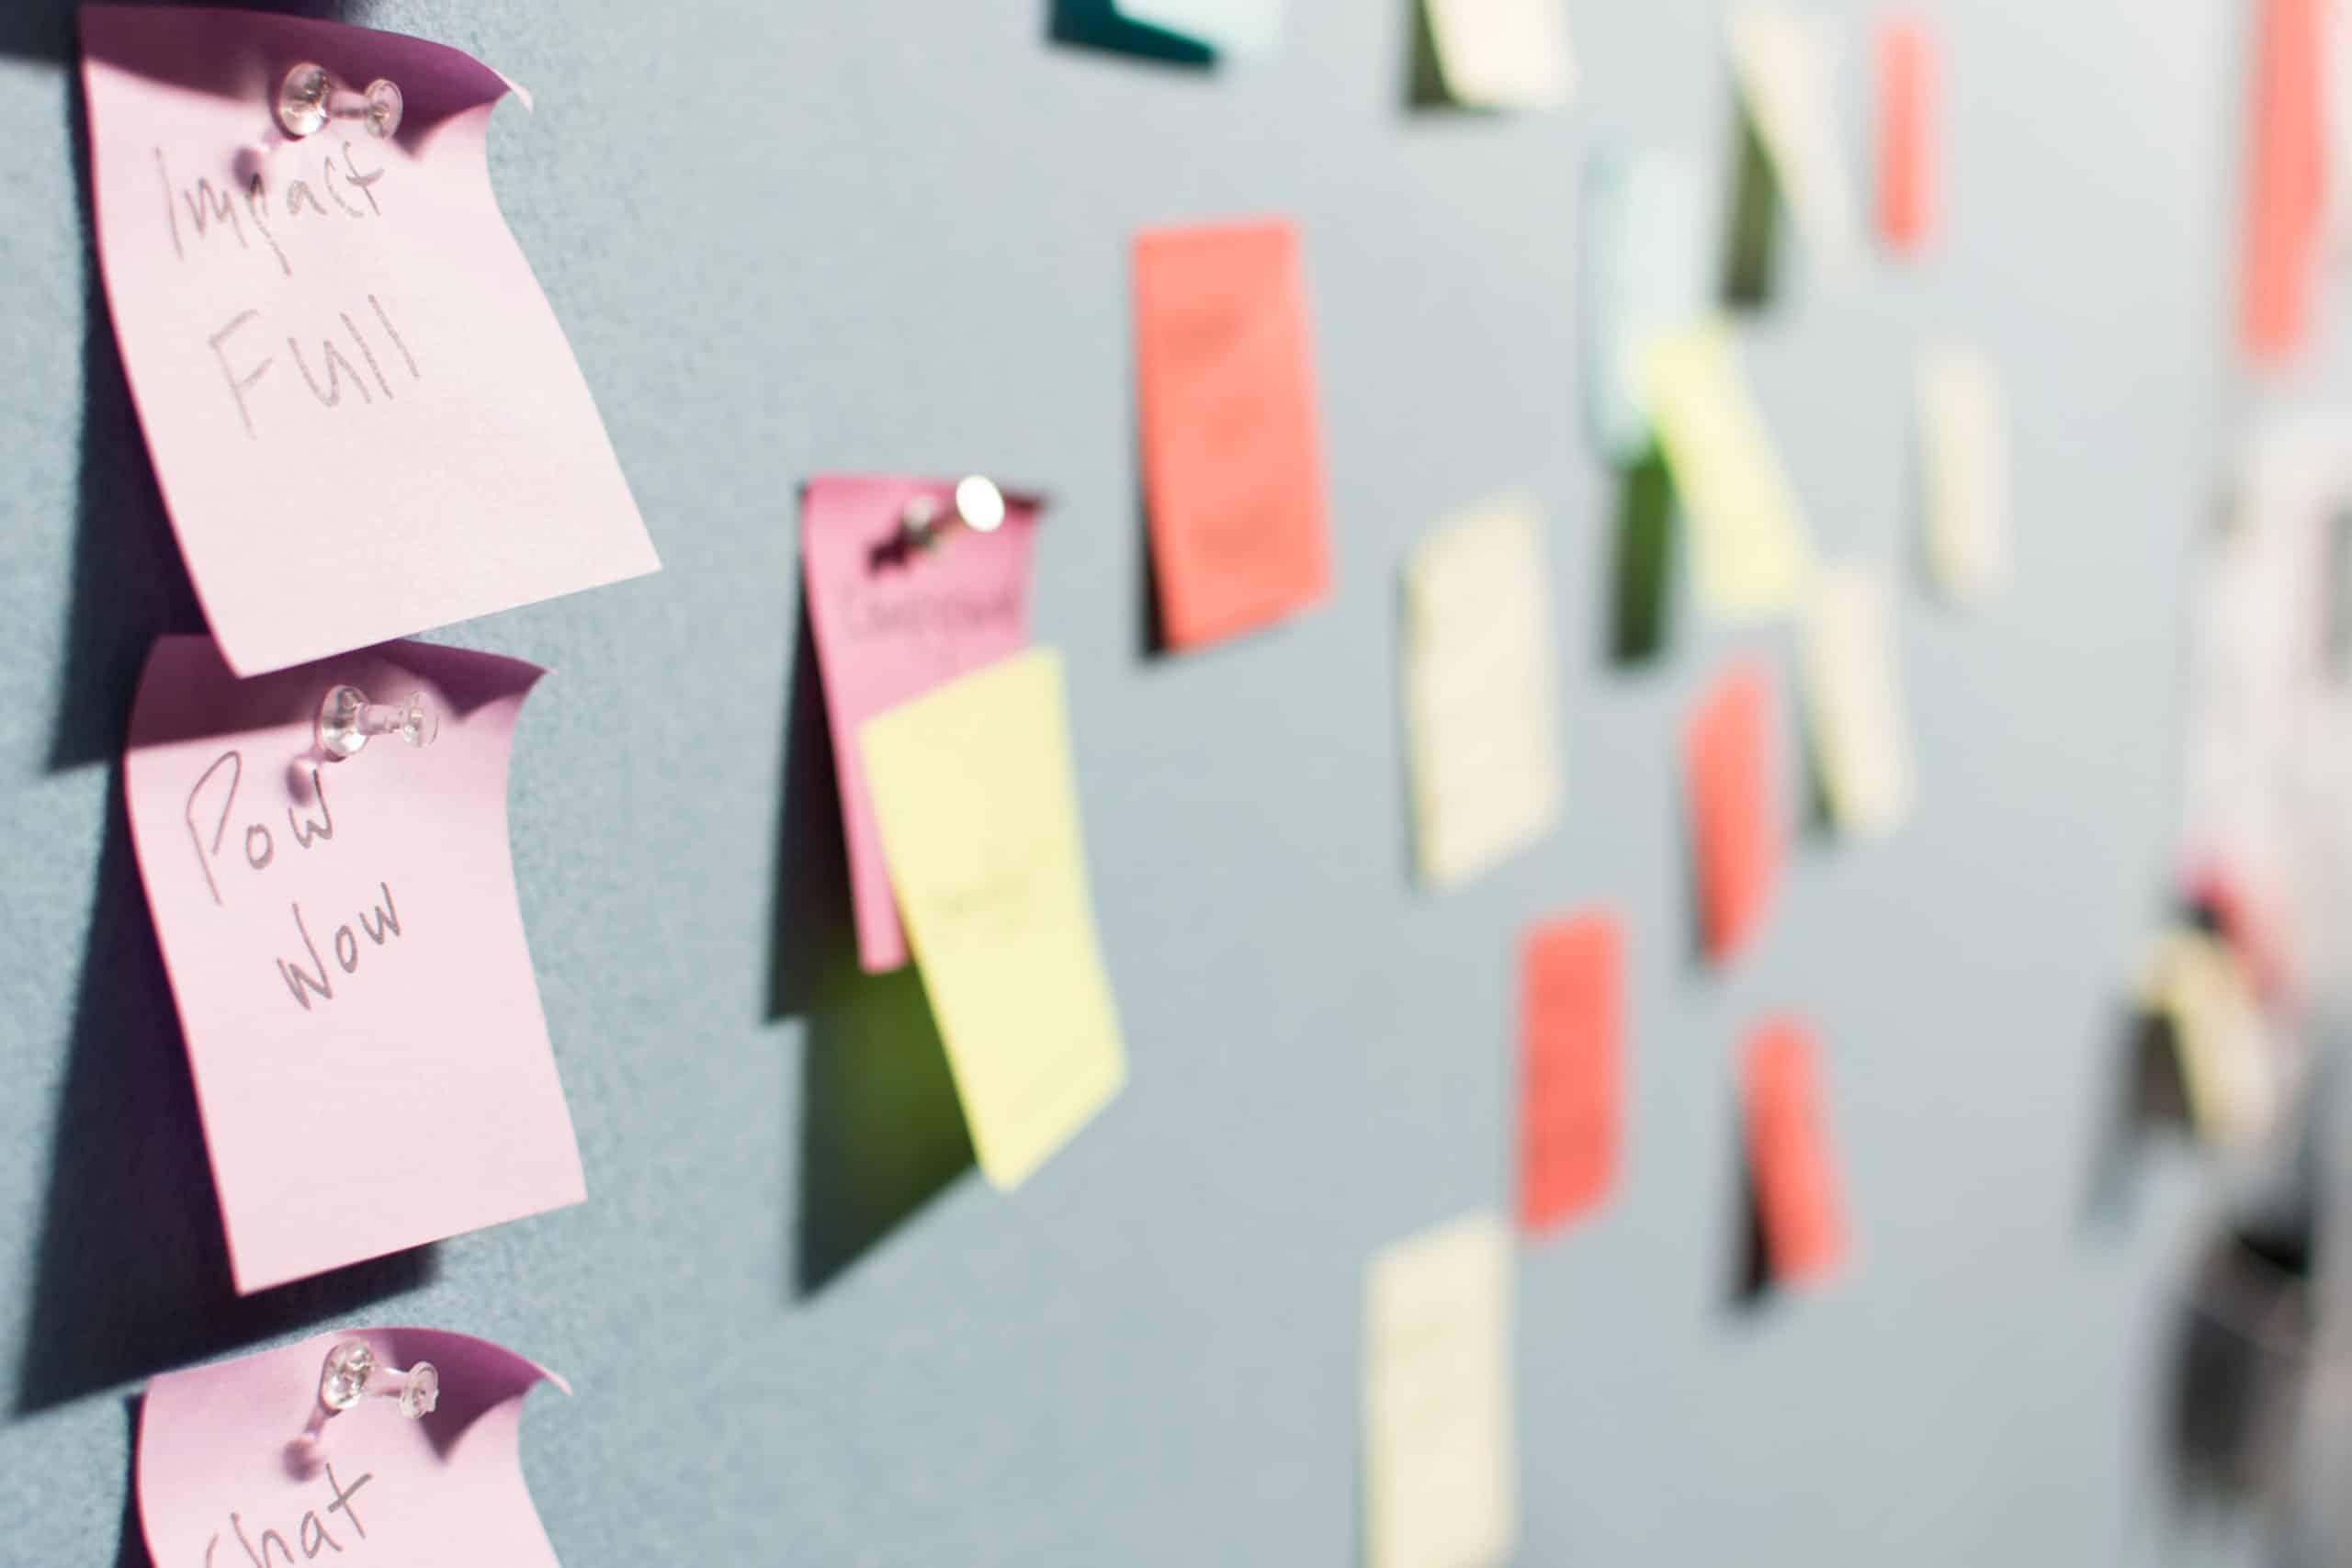 Planowanie – dlaczego musisz natychmiast przestać?